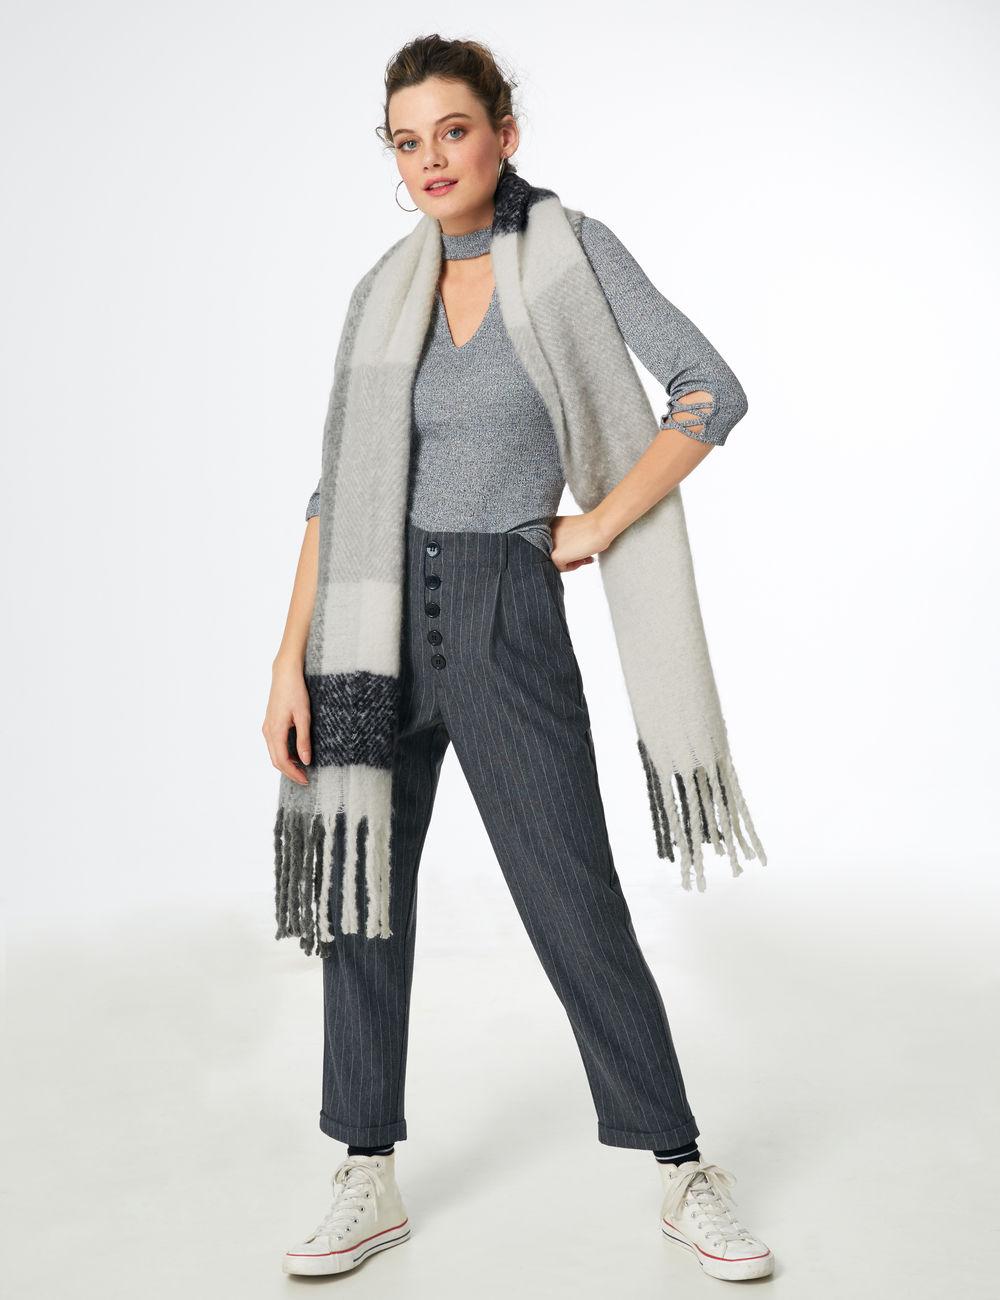 écharpe à carreaux noire et blanche Jennyfer prix 12,99 €